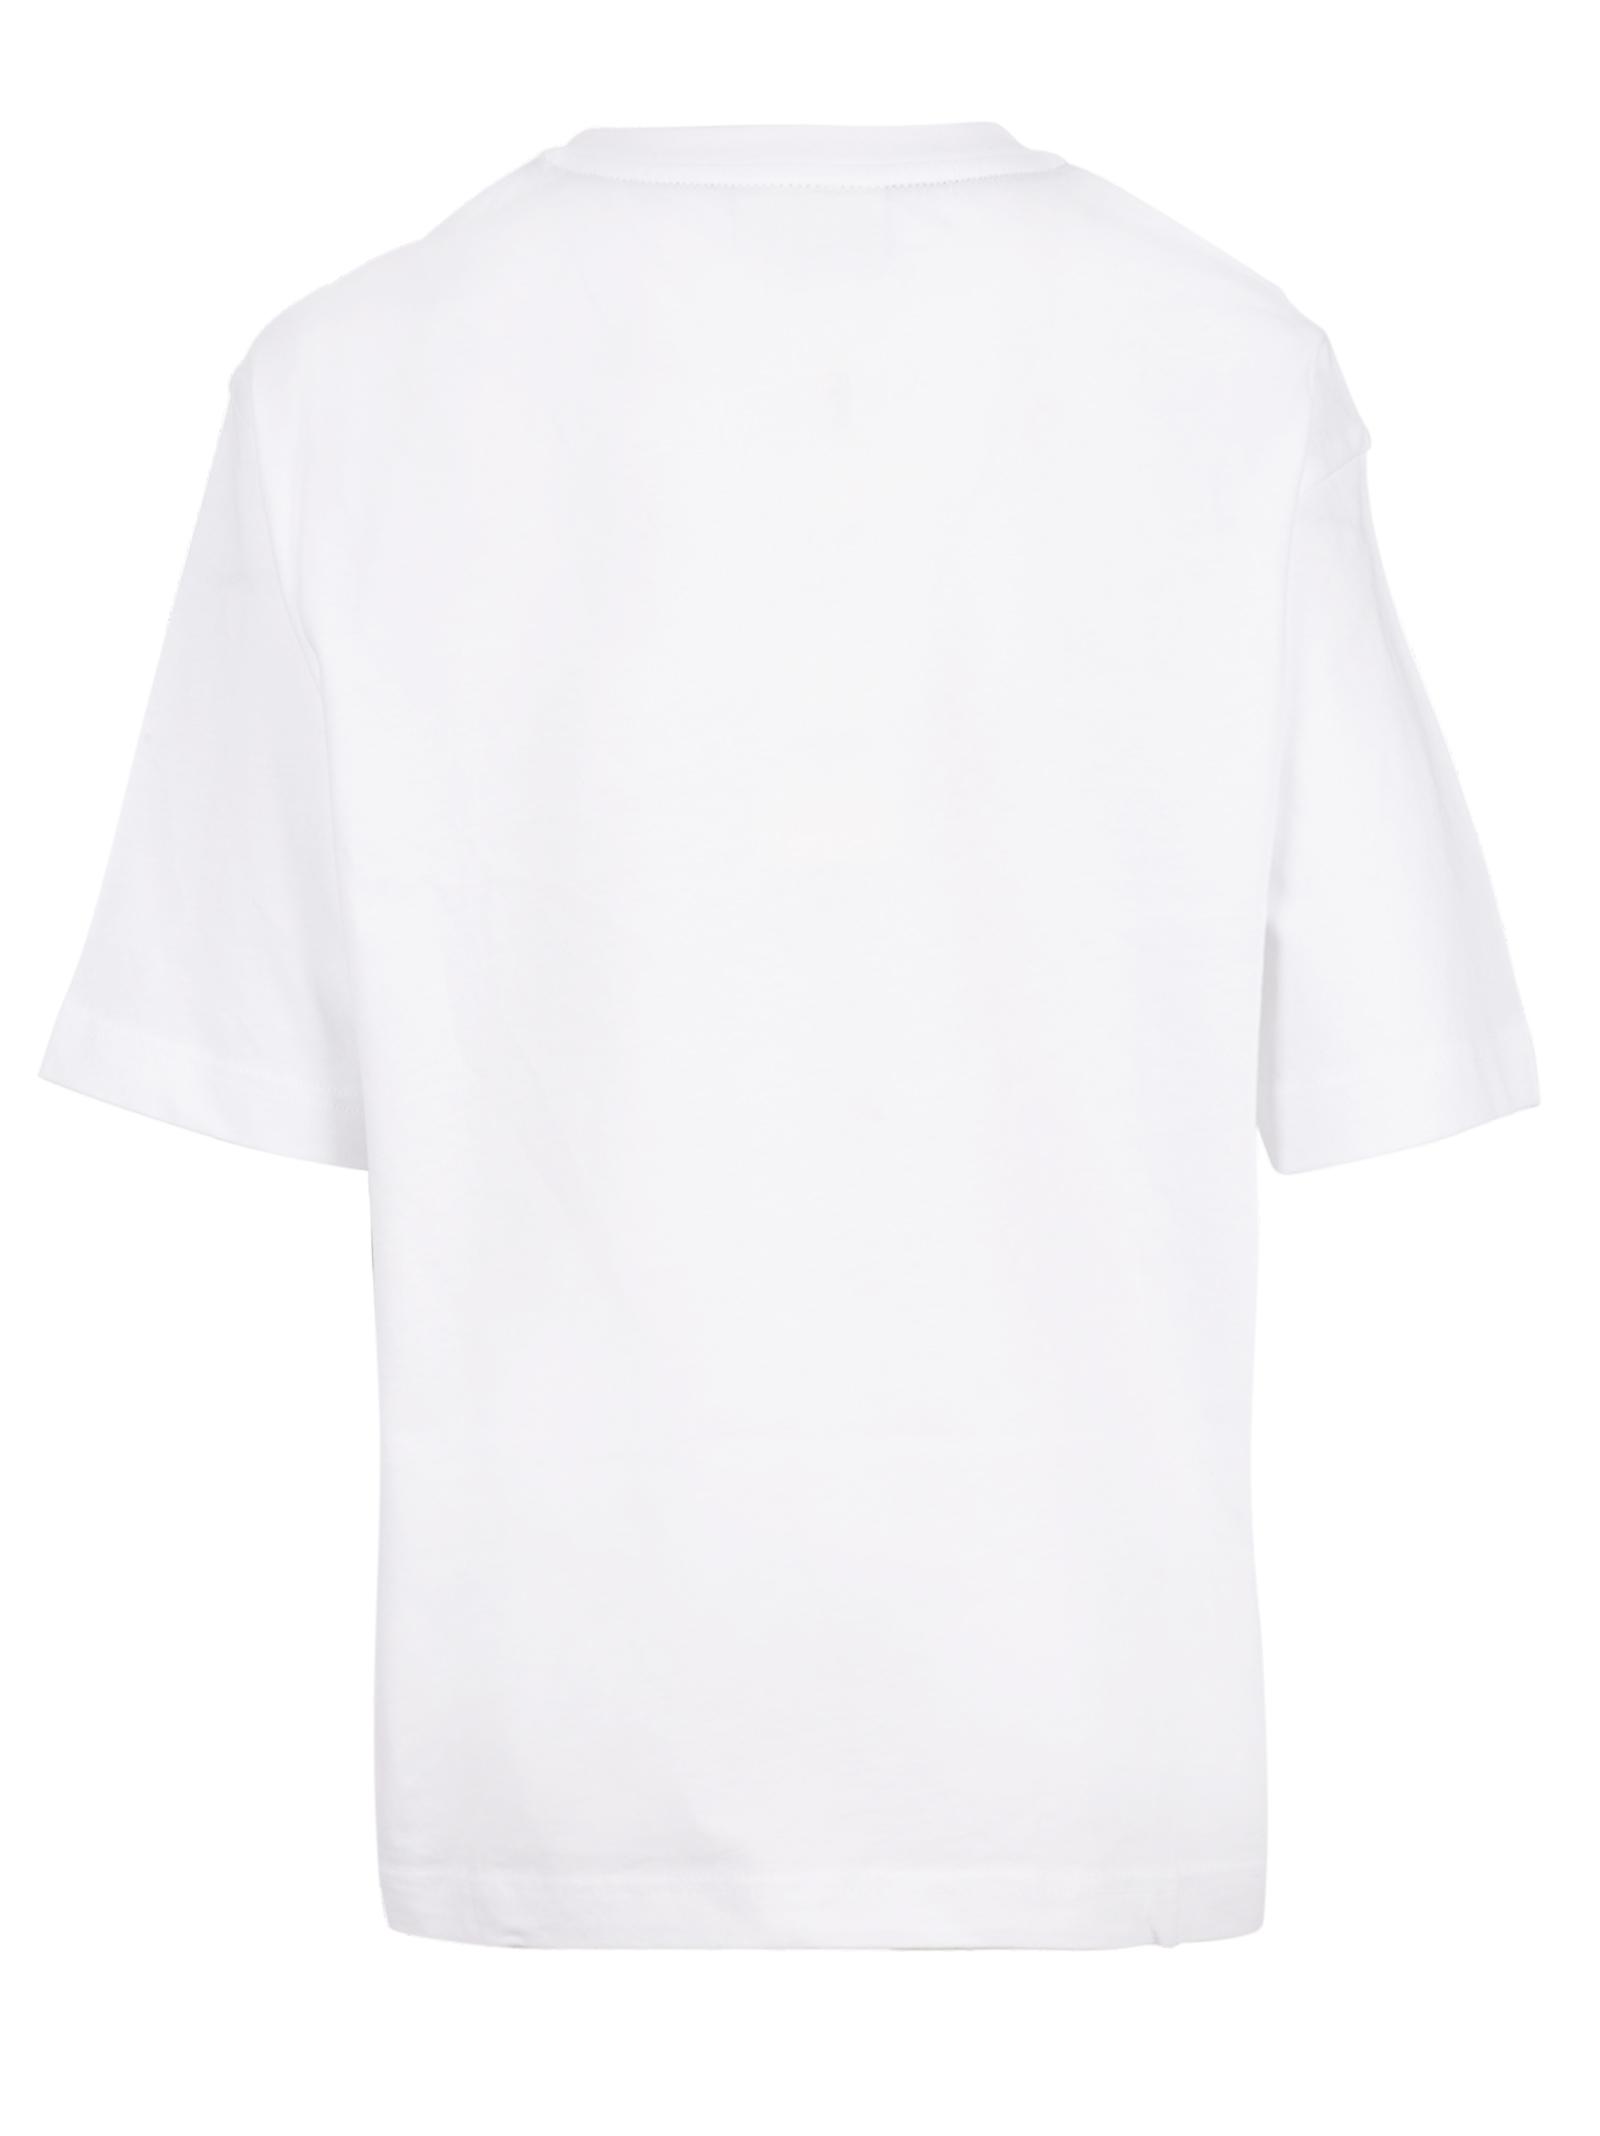 3c0424e5c7804 Fendi Kids t-shirt - Fendi Kids - Michele Franzese Moda